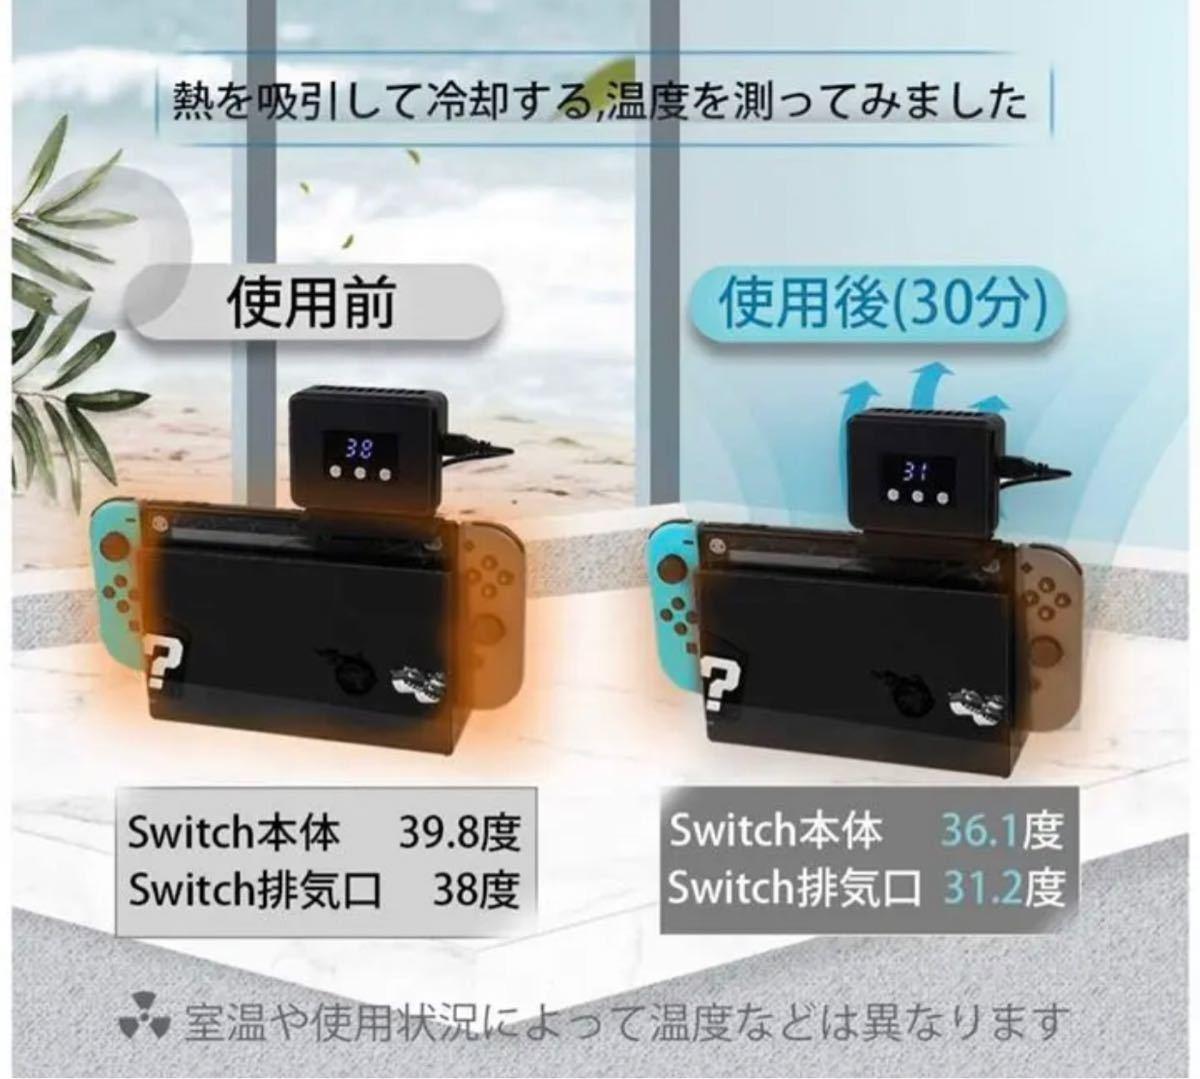 Nintendo Switch 冷却ファン スイッチ 専用 冷却ファン